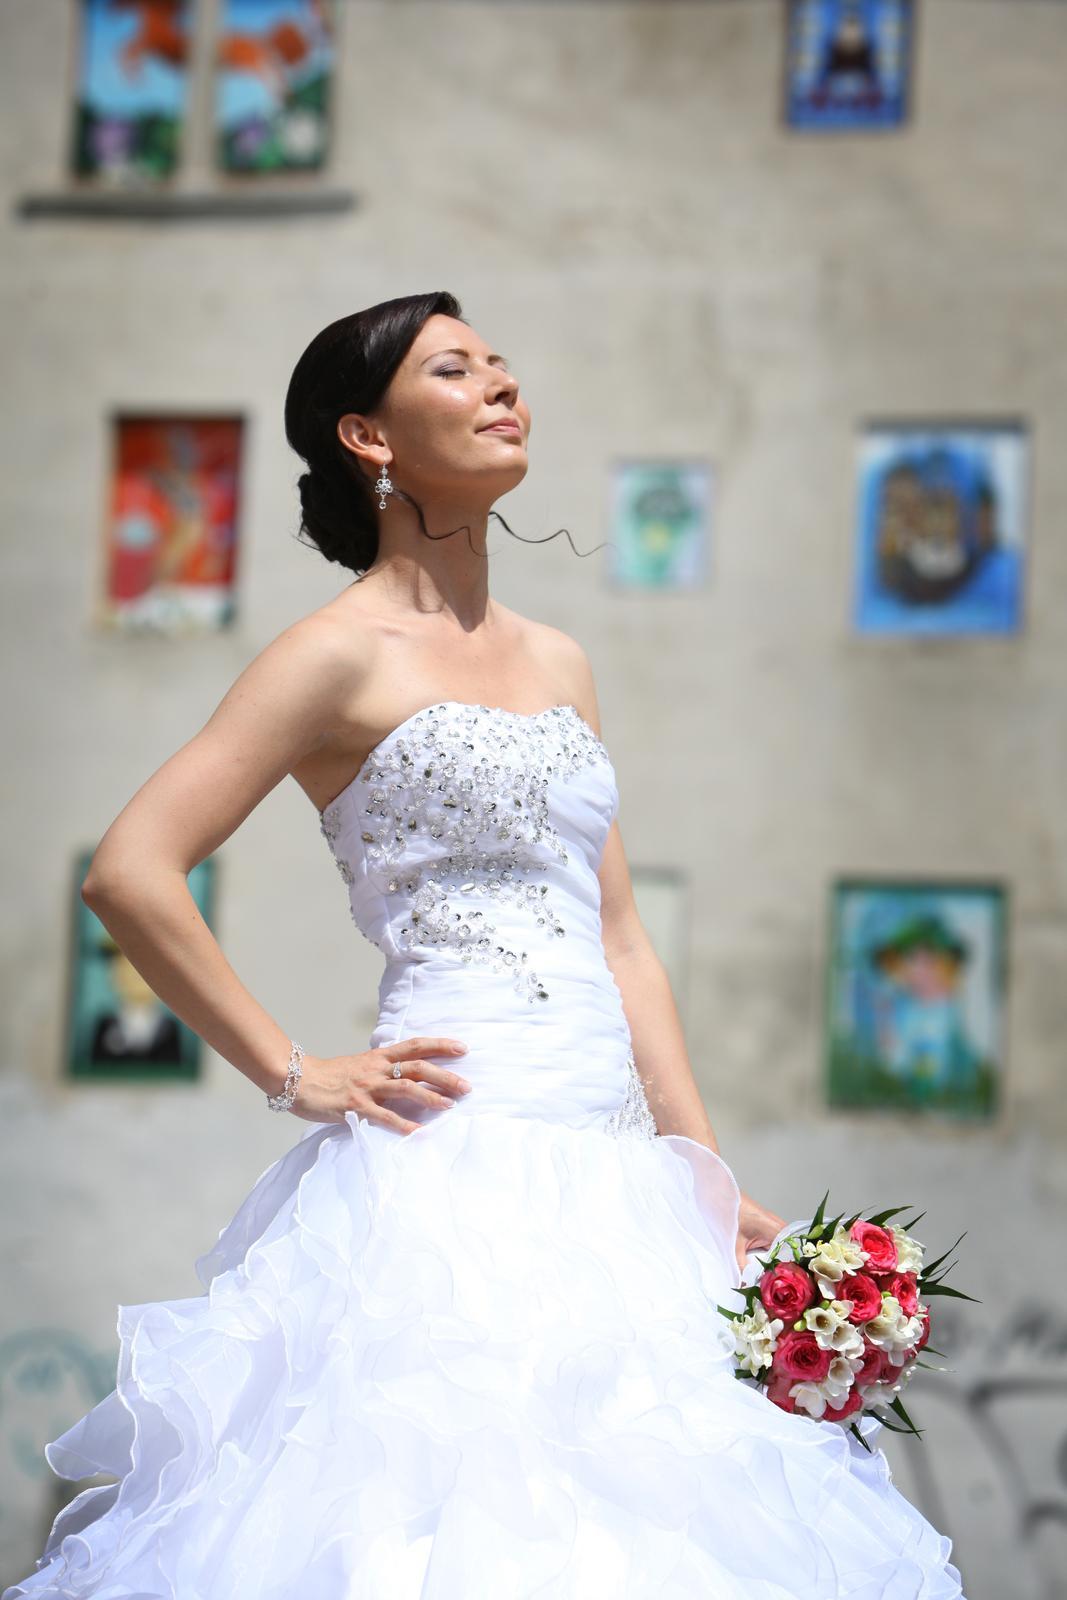 Svadobné šaty pre útle, nižšie nevesty 32-36 - Obrázok č. 3